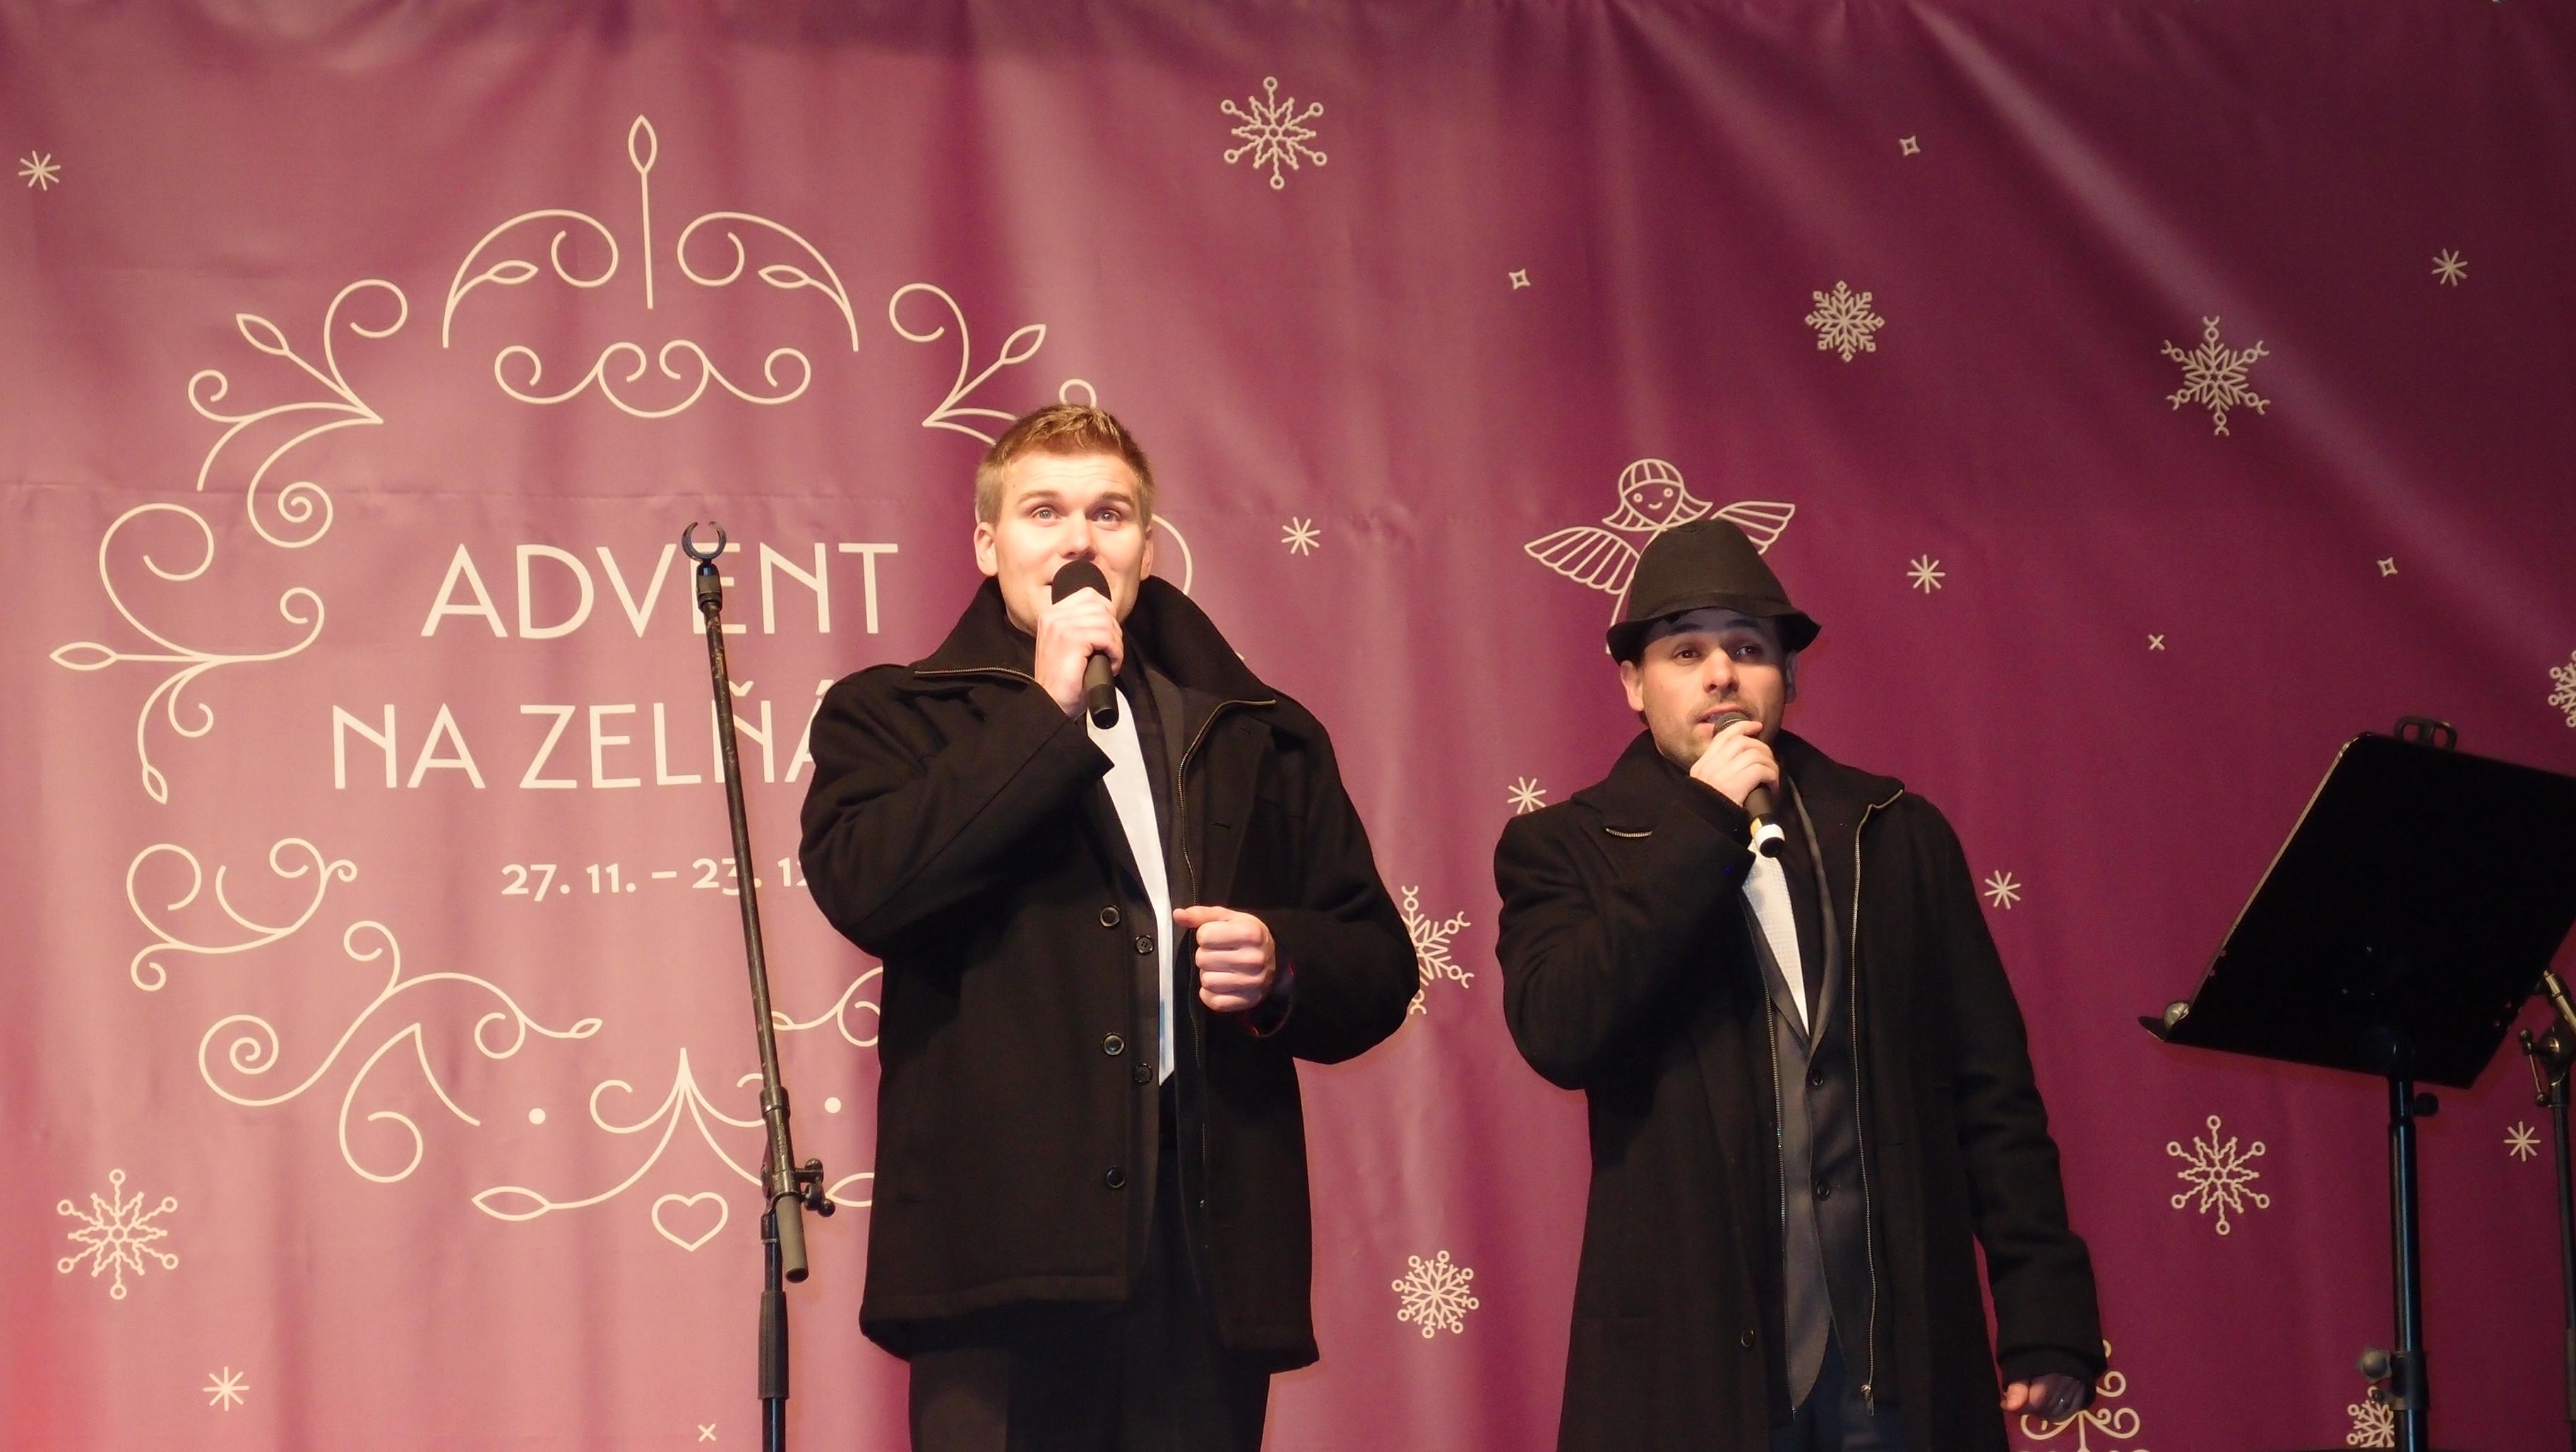 Vánoce 2015 na Zelňáku